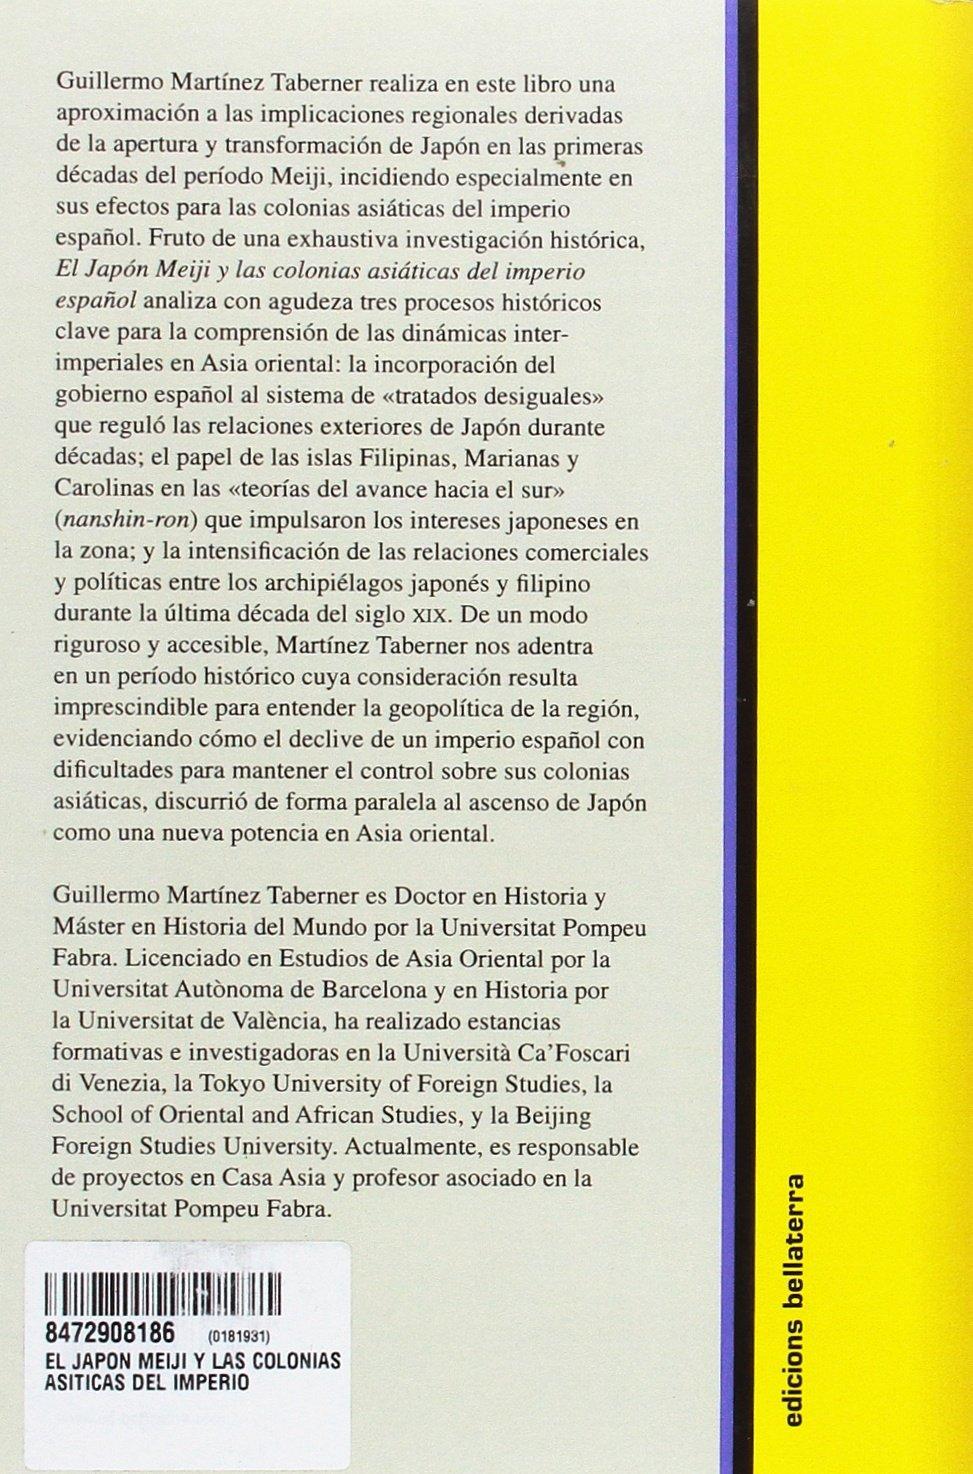 Japon Meji Y Las Colonias Asiaticas Del Imperio EspaÑol, El: Guillermo  Martinez Taberner: 9788472908185: Amazon: Books